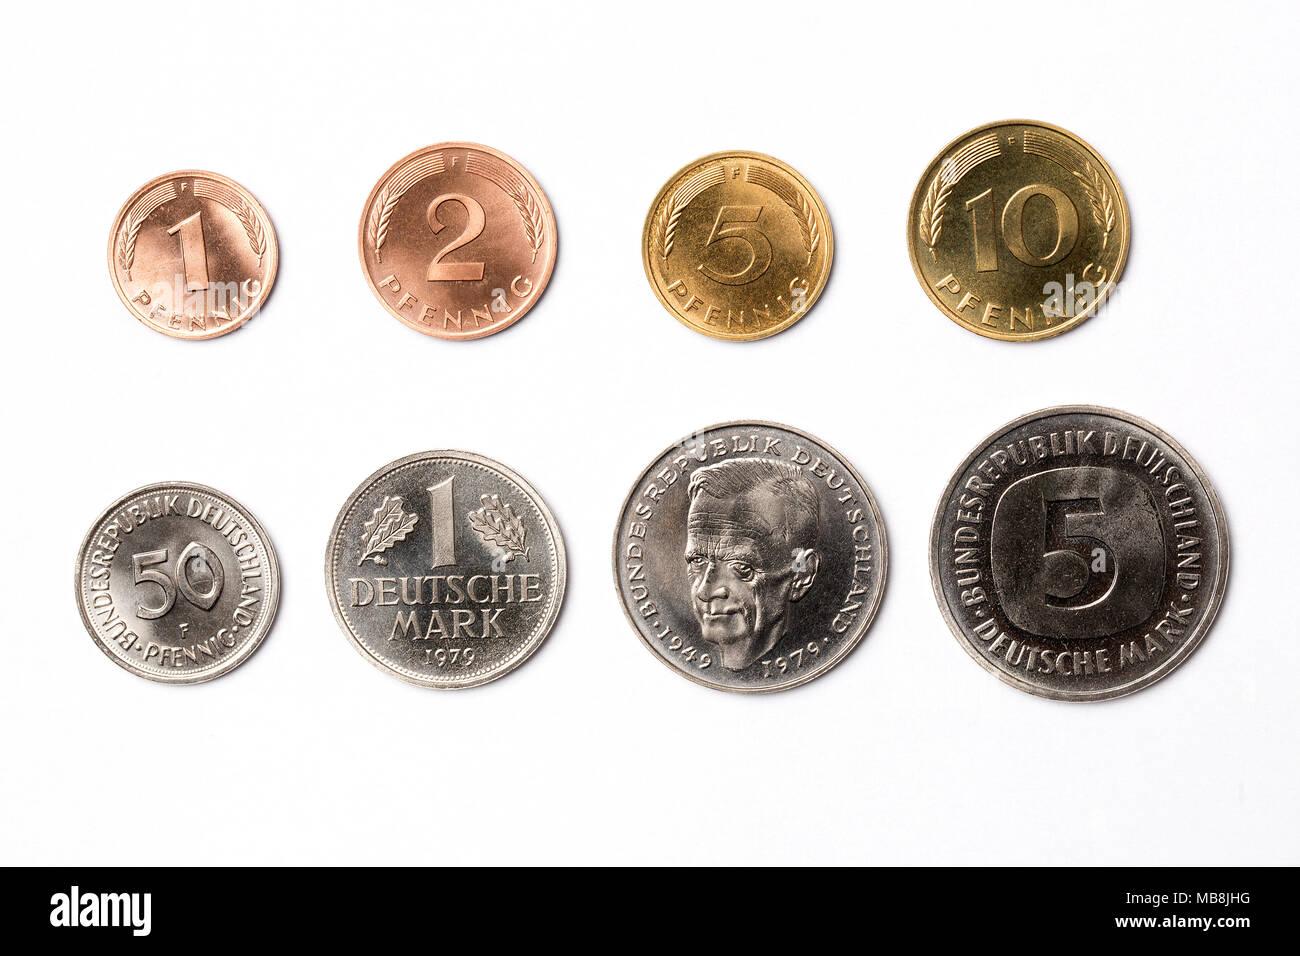 Alte Deutsche Münzen Auf Weißem Hintergrund Stockfoto Bild